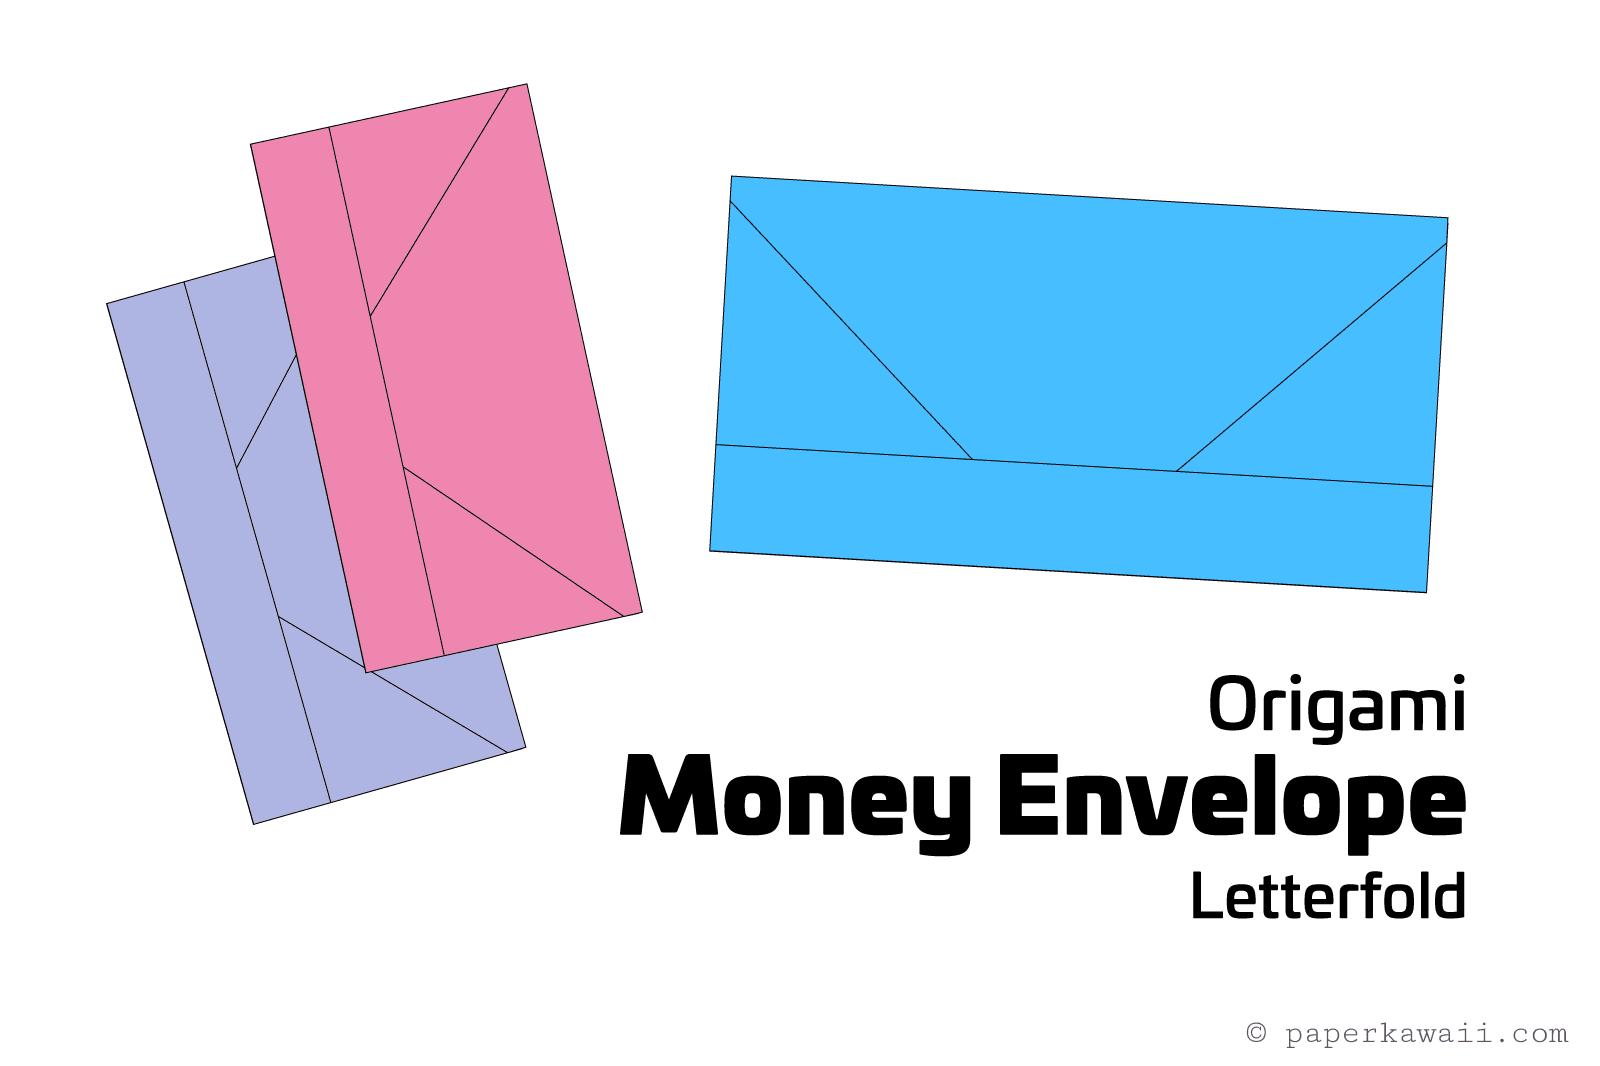 Envelope Origami Letters Origami Money Envelope Letter Fold Tutorial